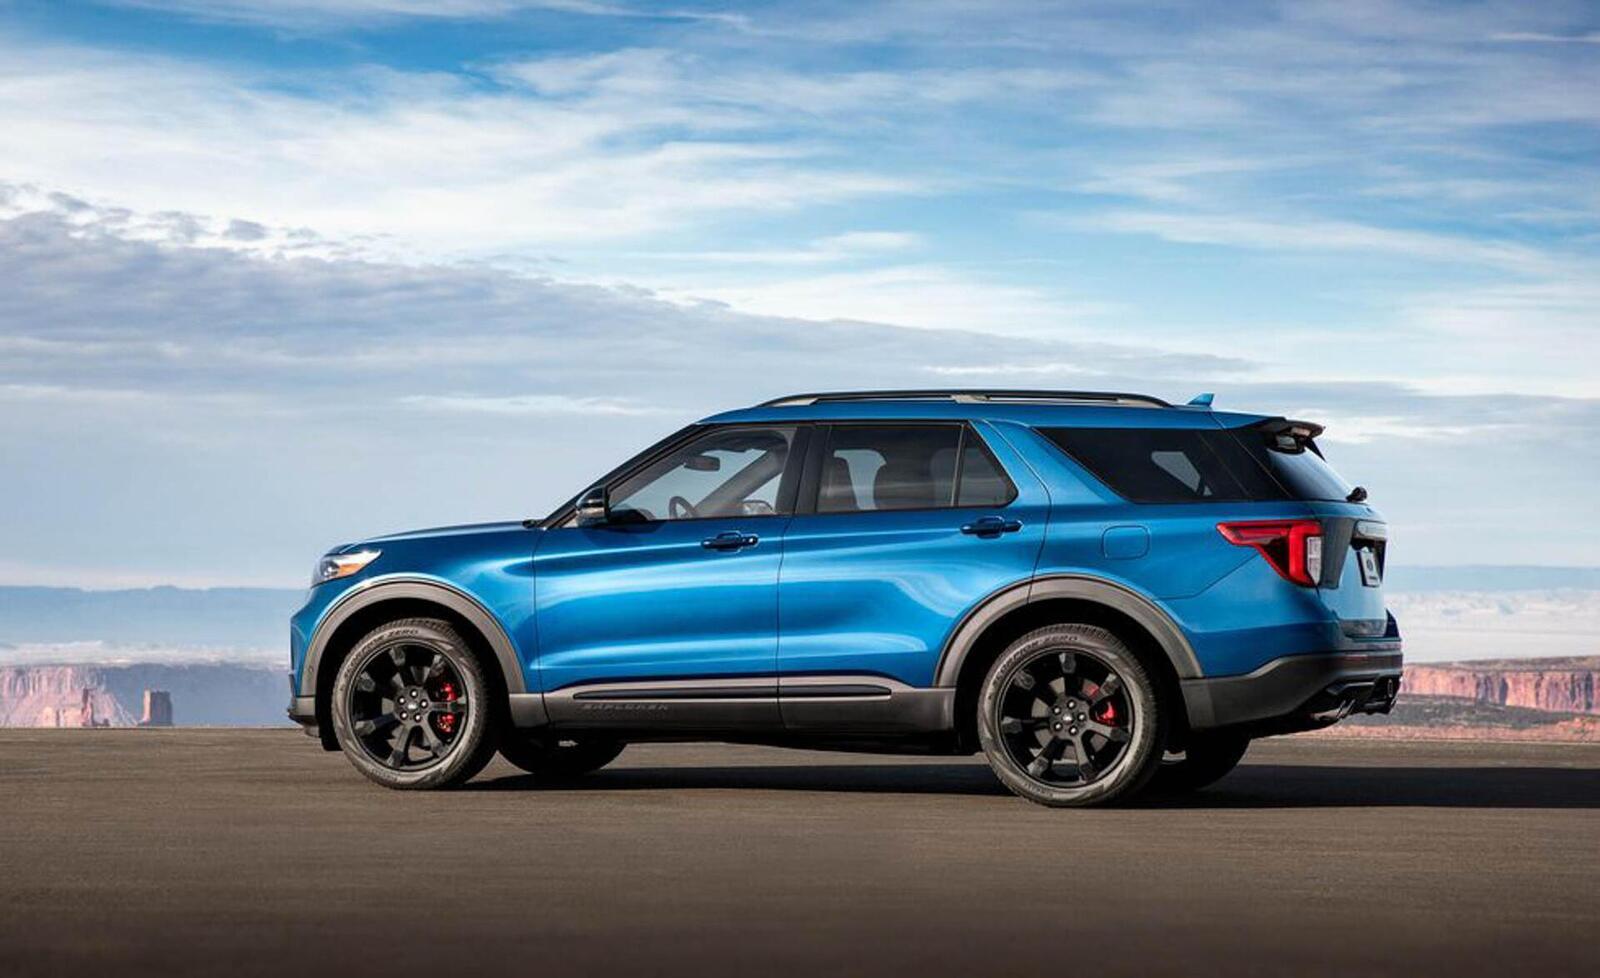 Ford giới thiệu Explorer ST 2020: Phiên bản mạnh nhất lắp máy V6 3.0L tăng áp 400 mã lực - Hình 12